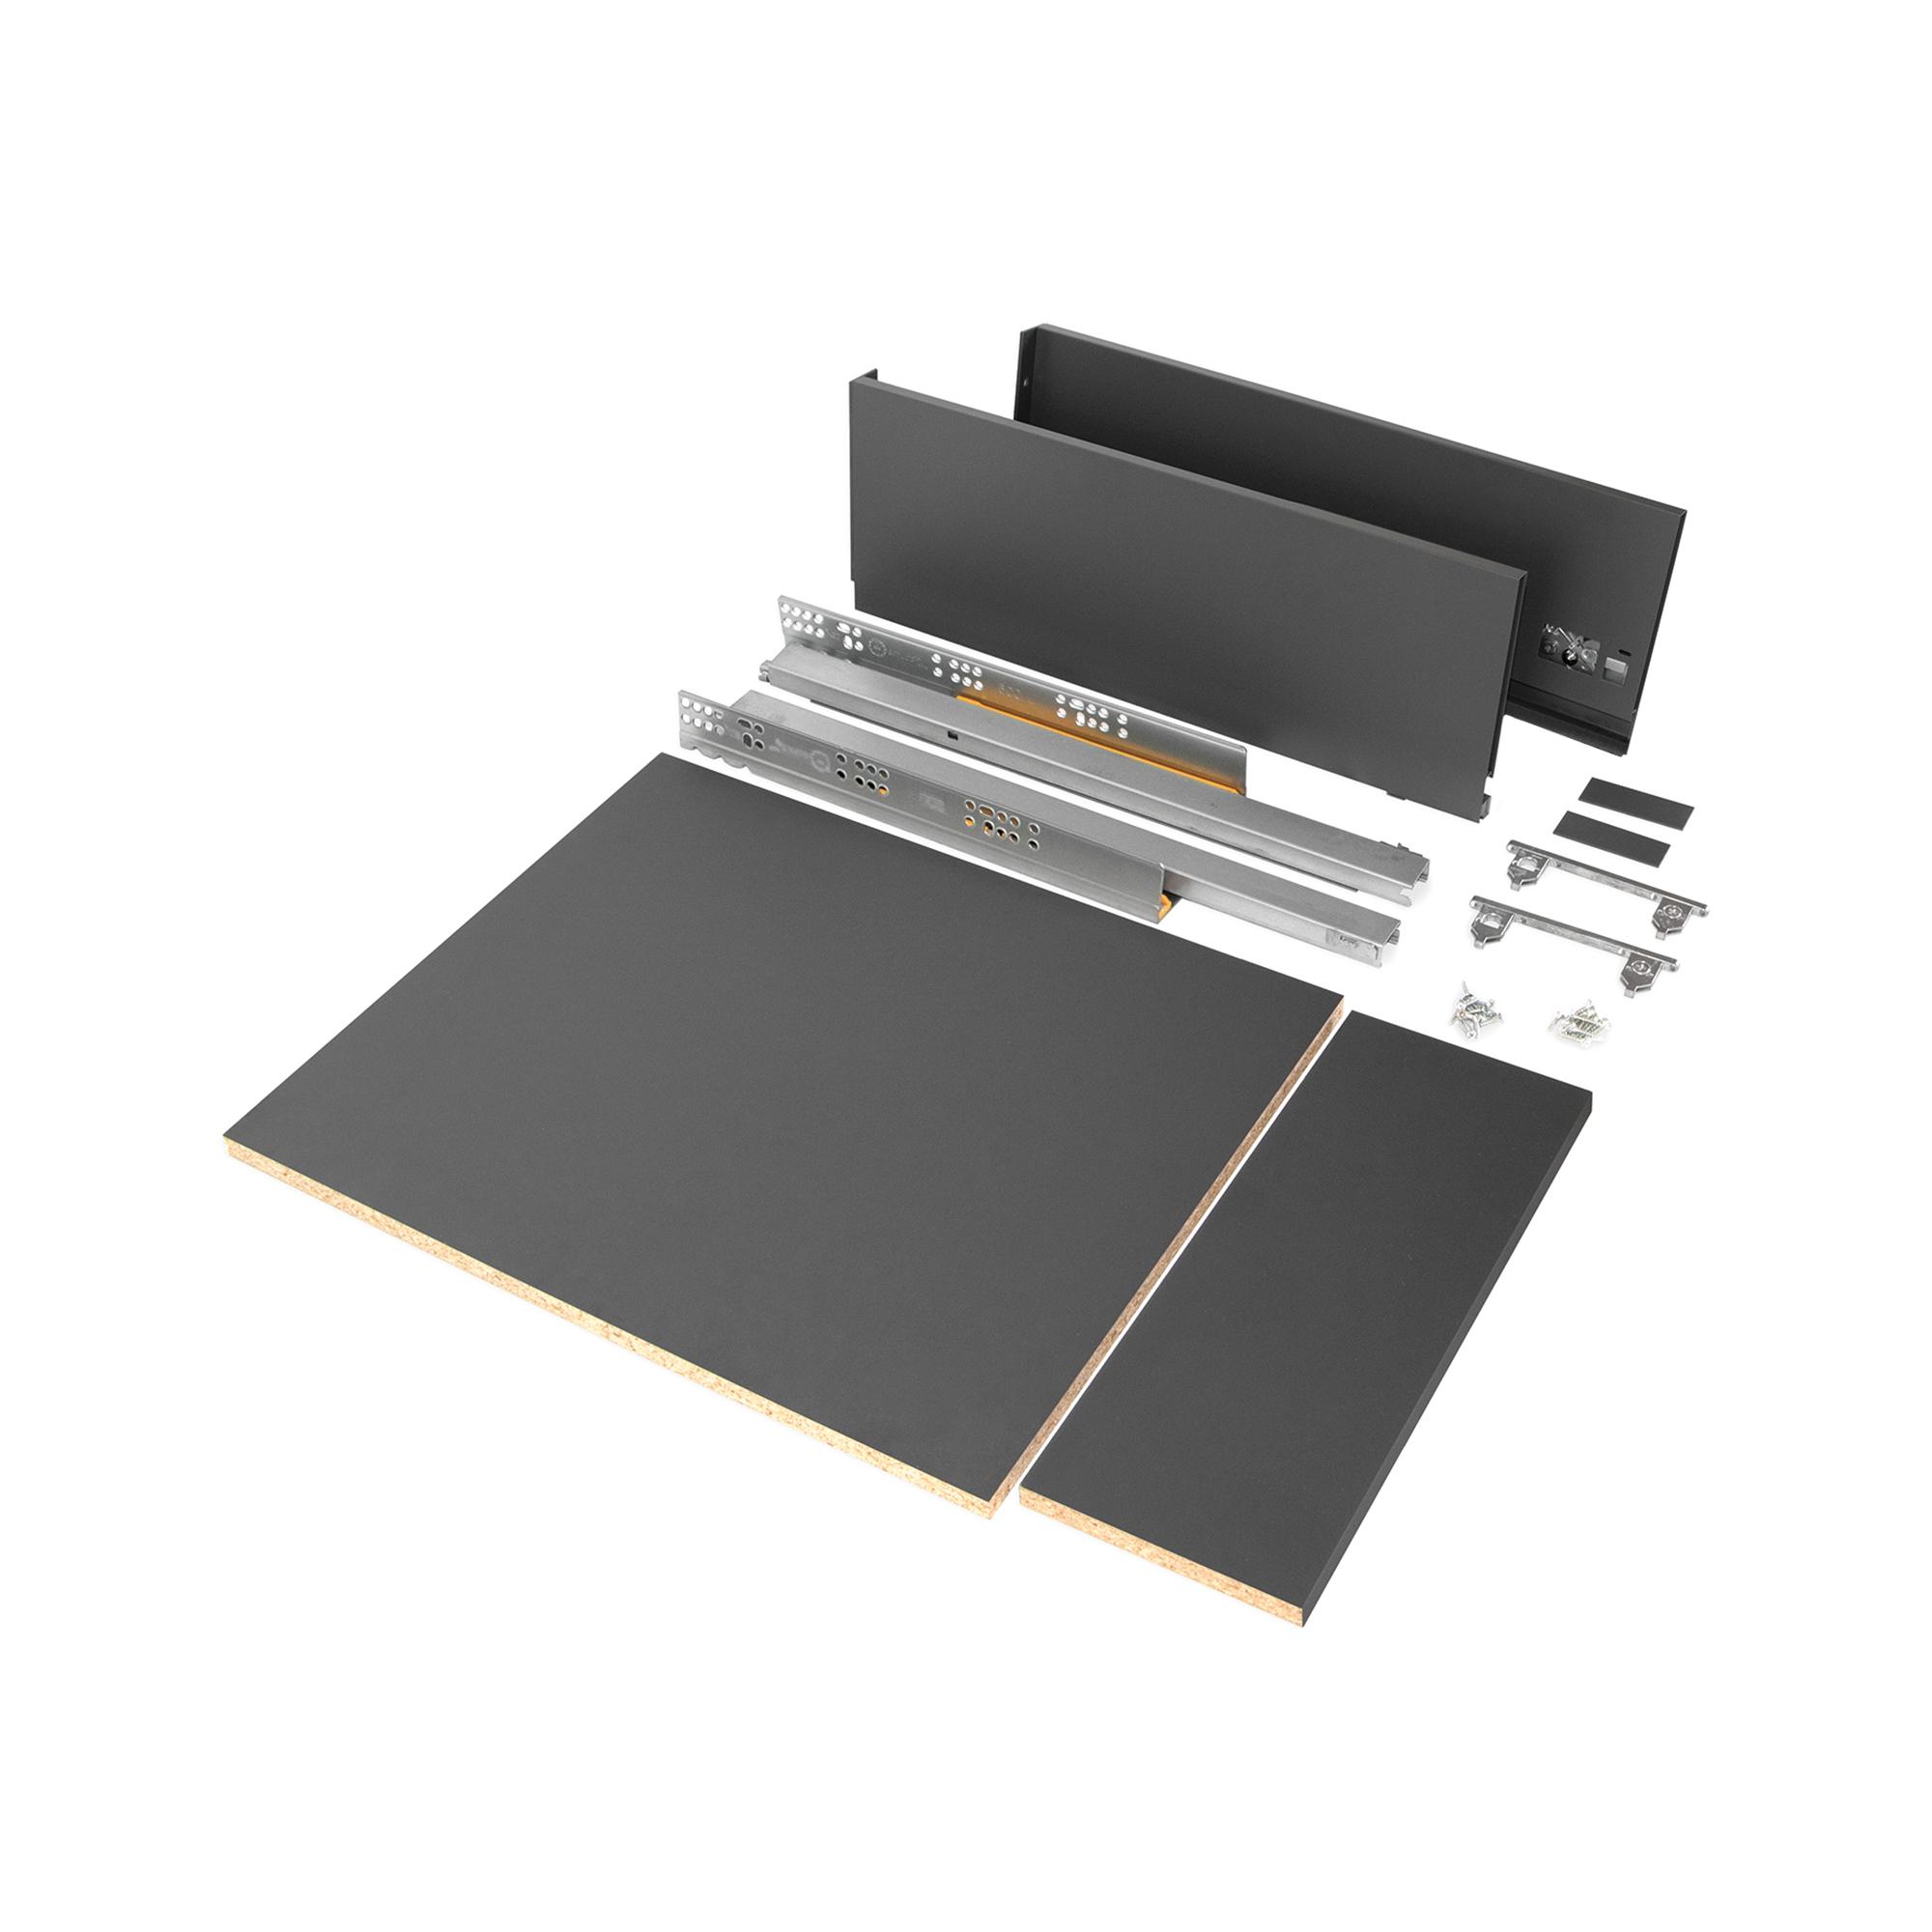 Emuca Kit cassetto per cucina o bagno con pannelli inclusi, chiusura soft, profondità 500 mm, altezza 178 mm, modulo 450 mm, Acc